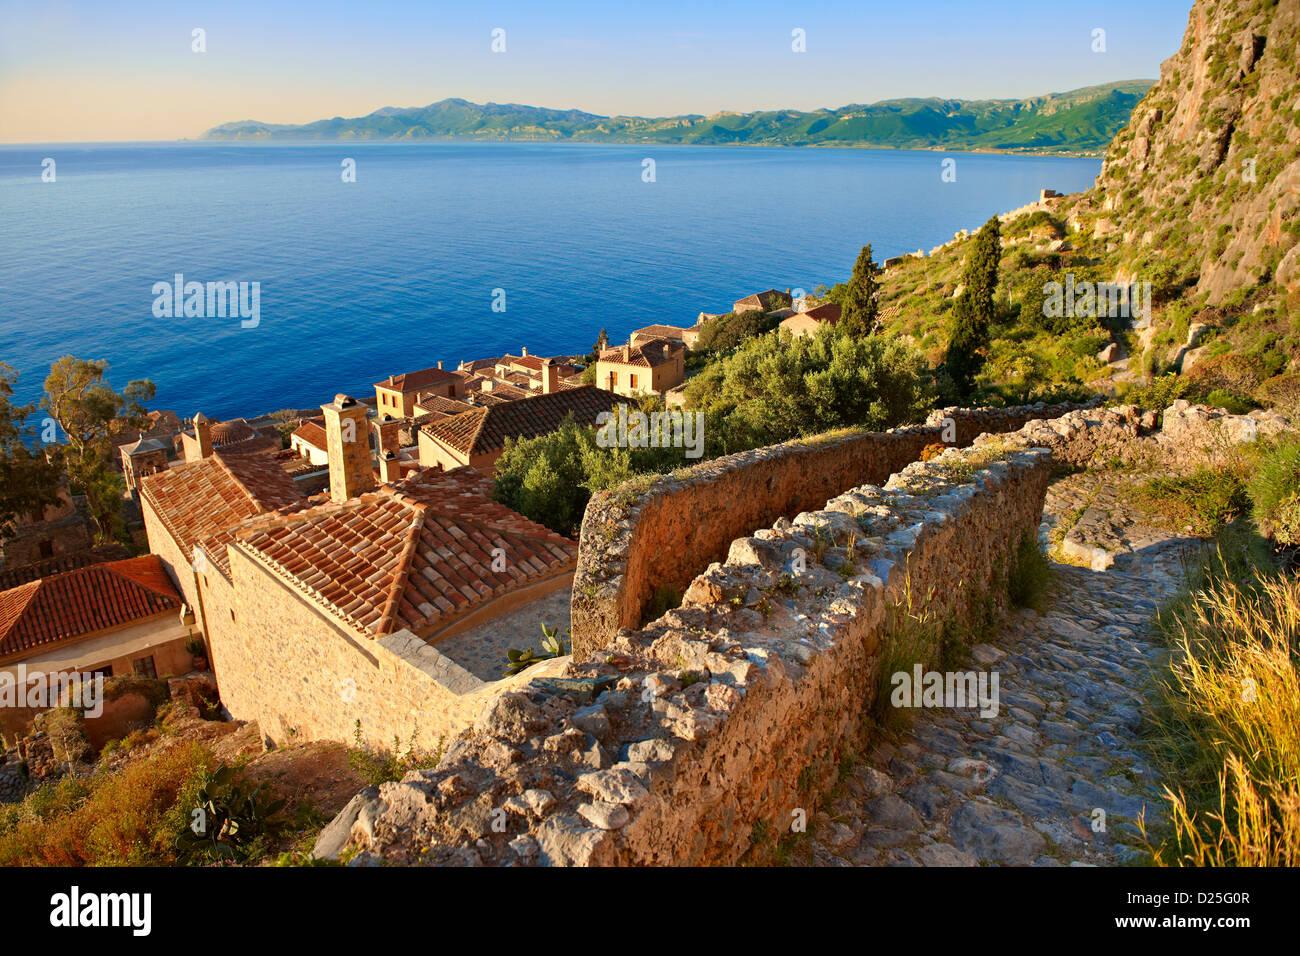 Arial vista di Monemvasia isola bizantina Città di Castello con acropoli sul plateau. Peloponneso, Grecia Immagini Stock